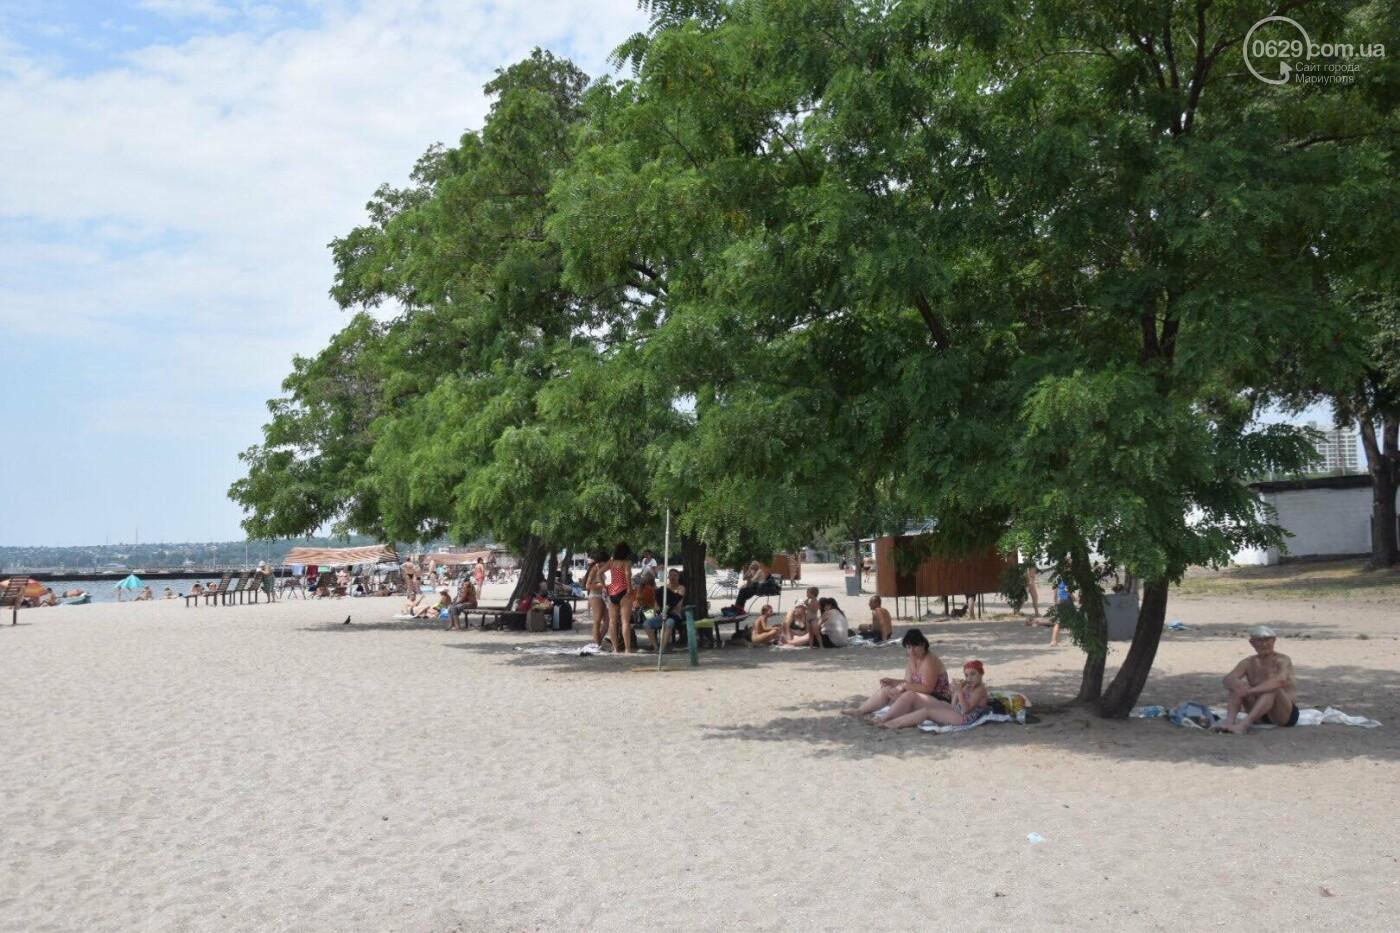 ТОП лучших пляжей Мариуполя, - ФОТО, фото-129